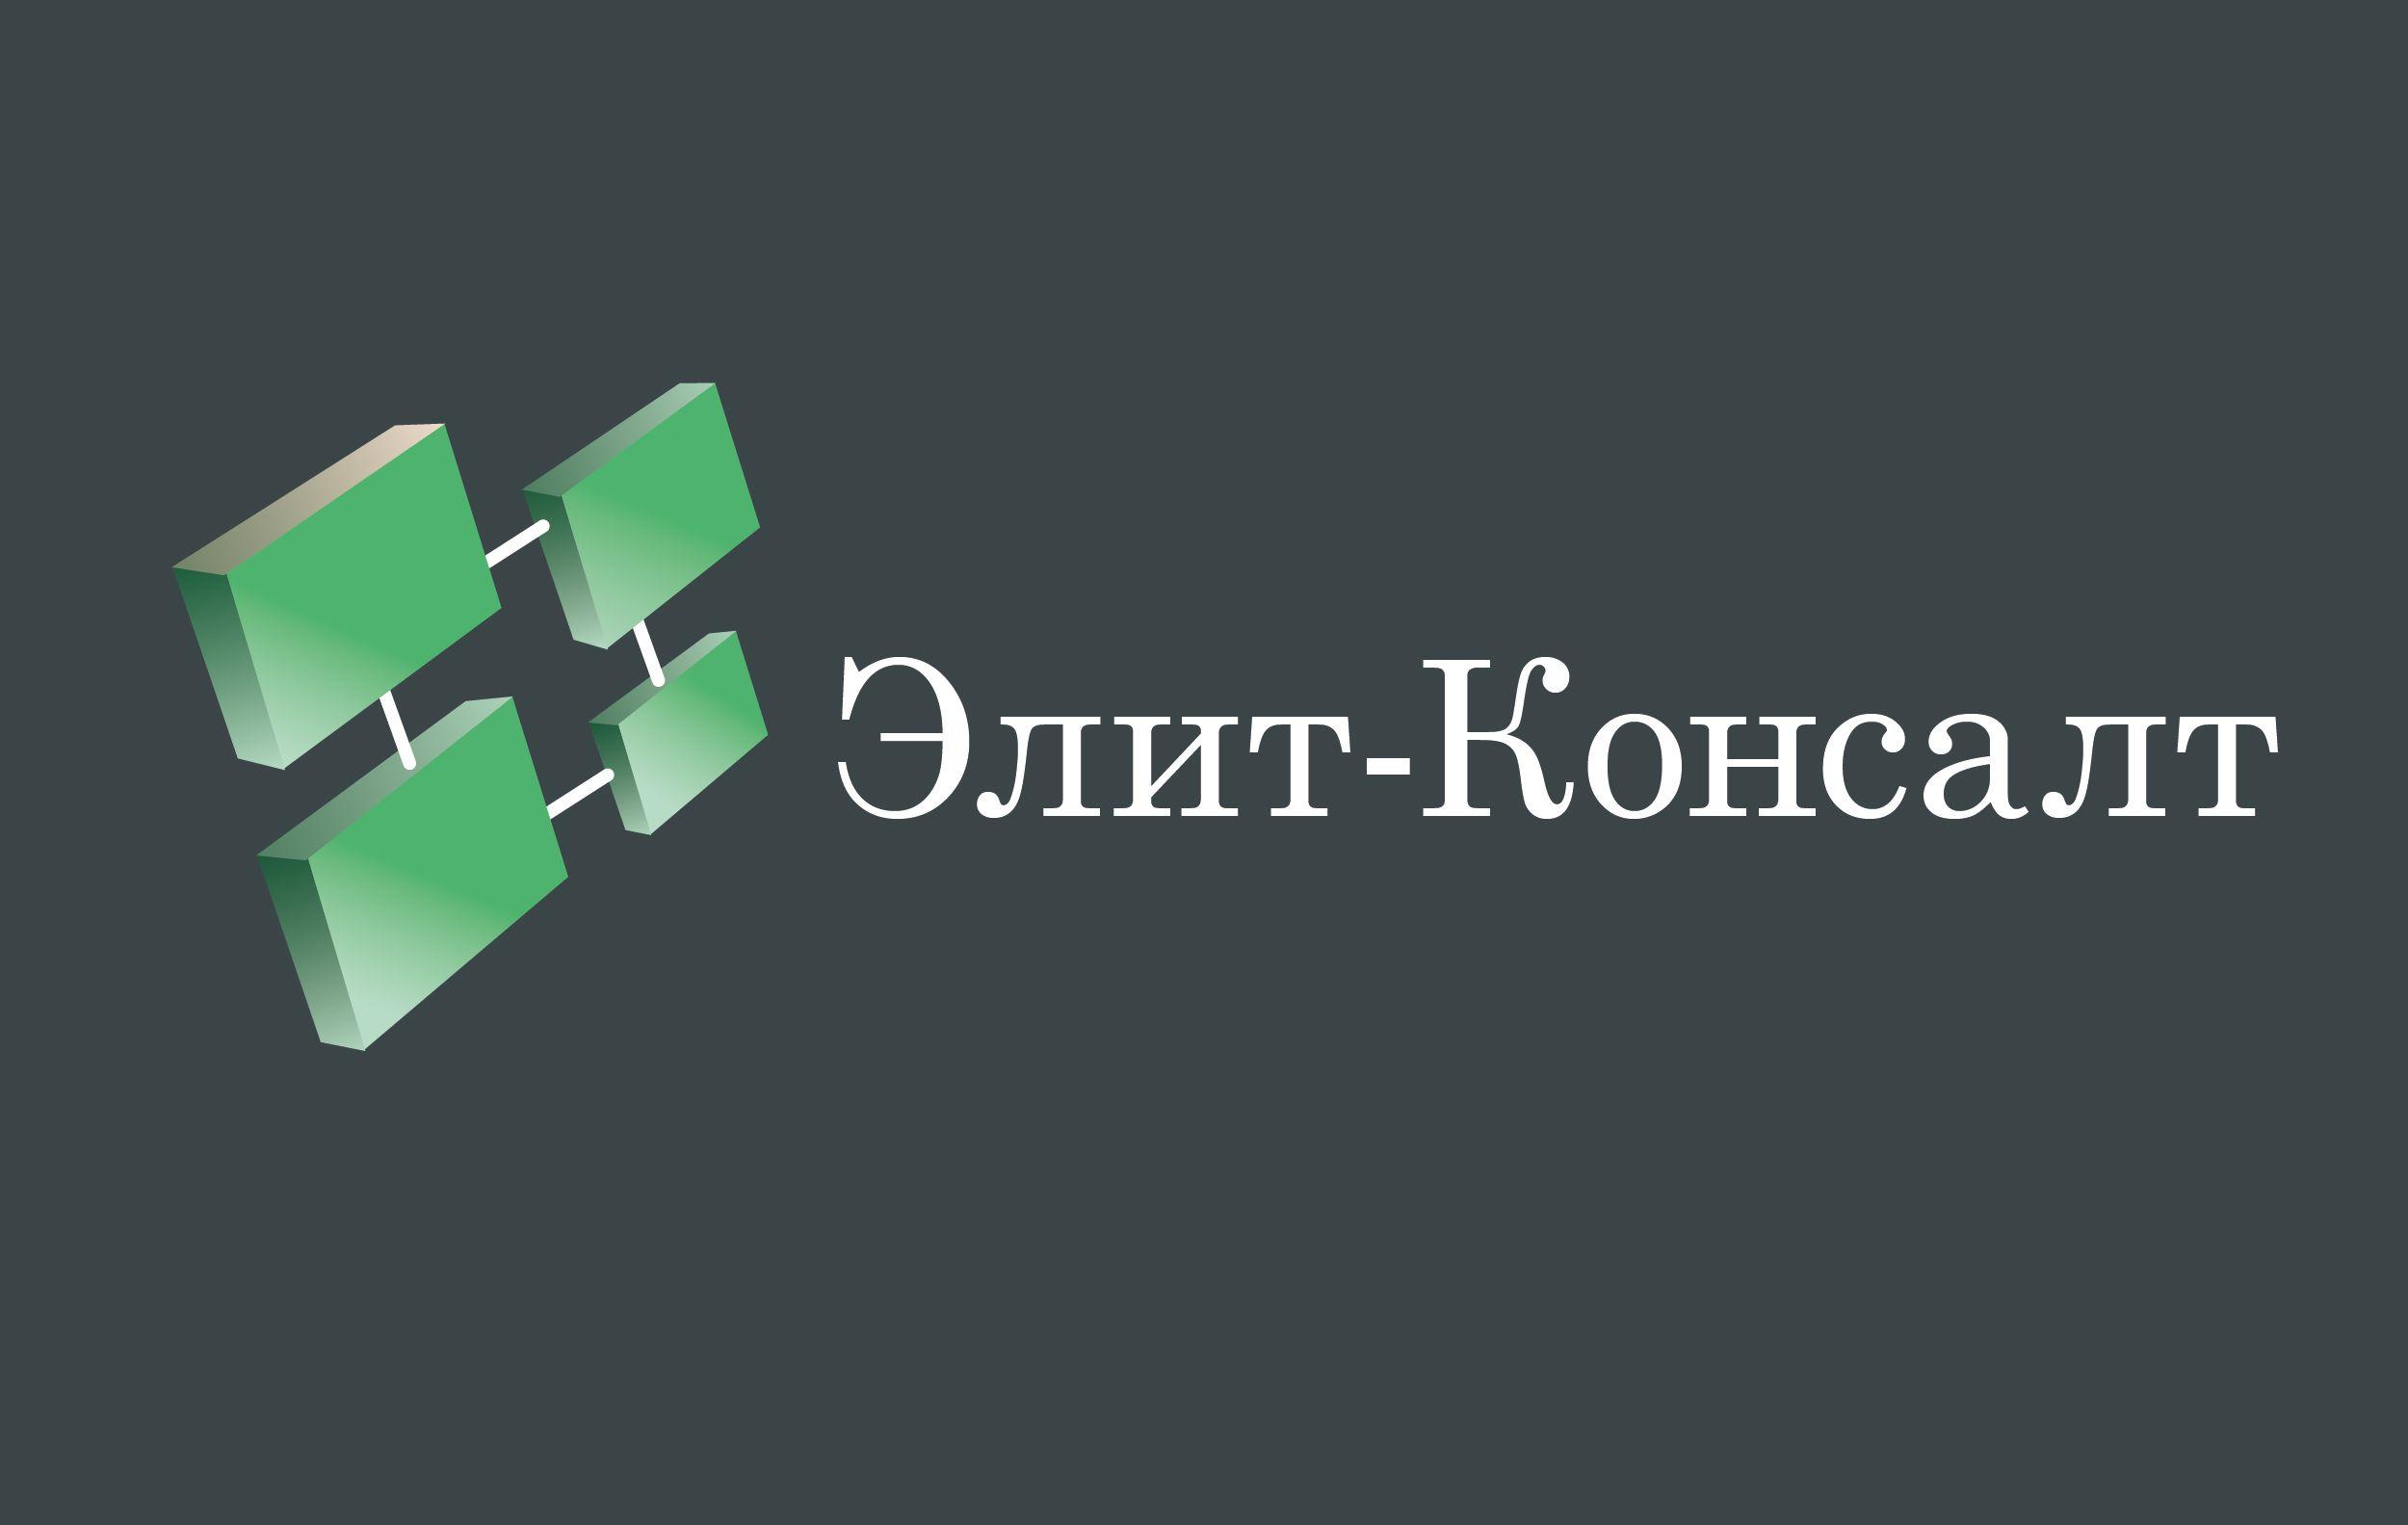 Логотип консалт-компании. Ждем еще предложения! - дизайнер gorddesign